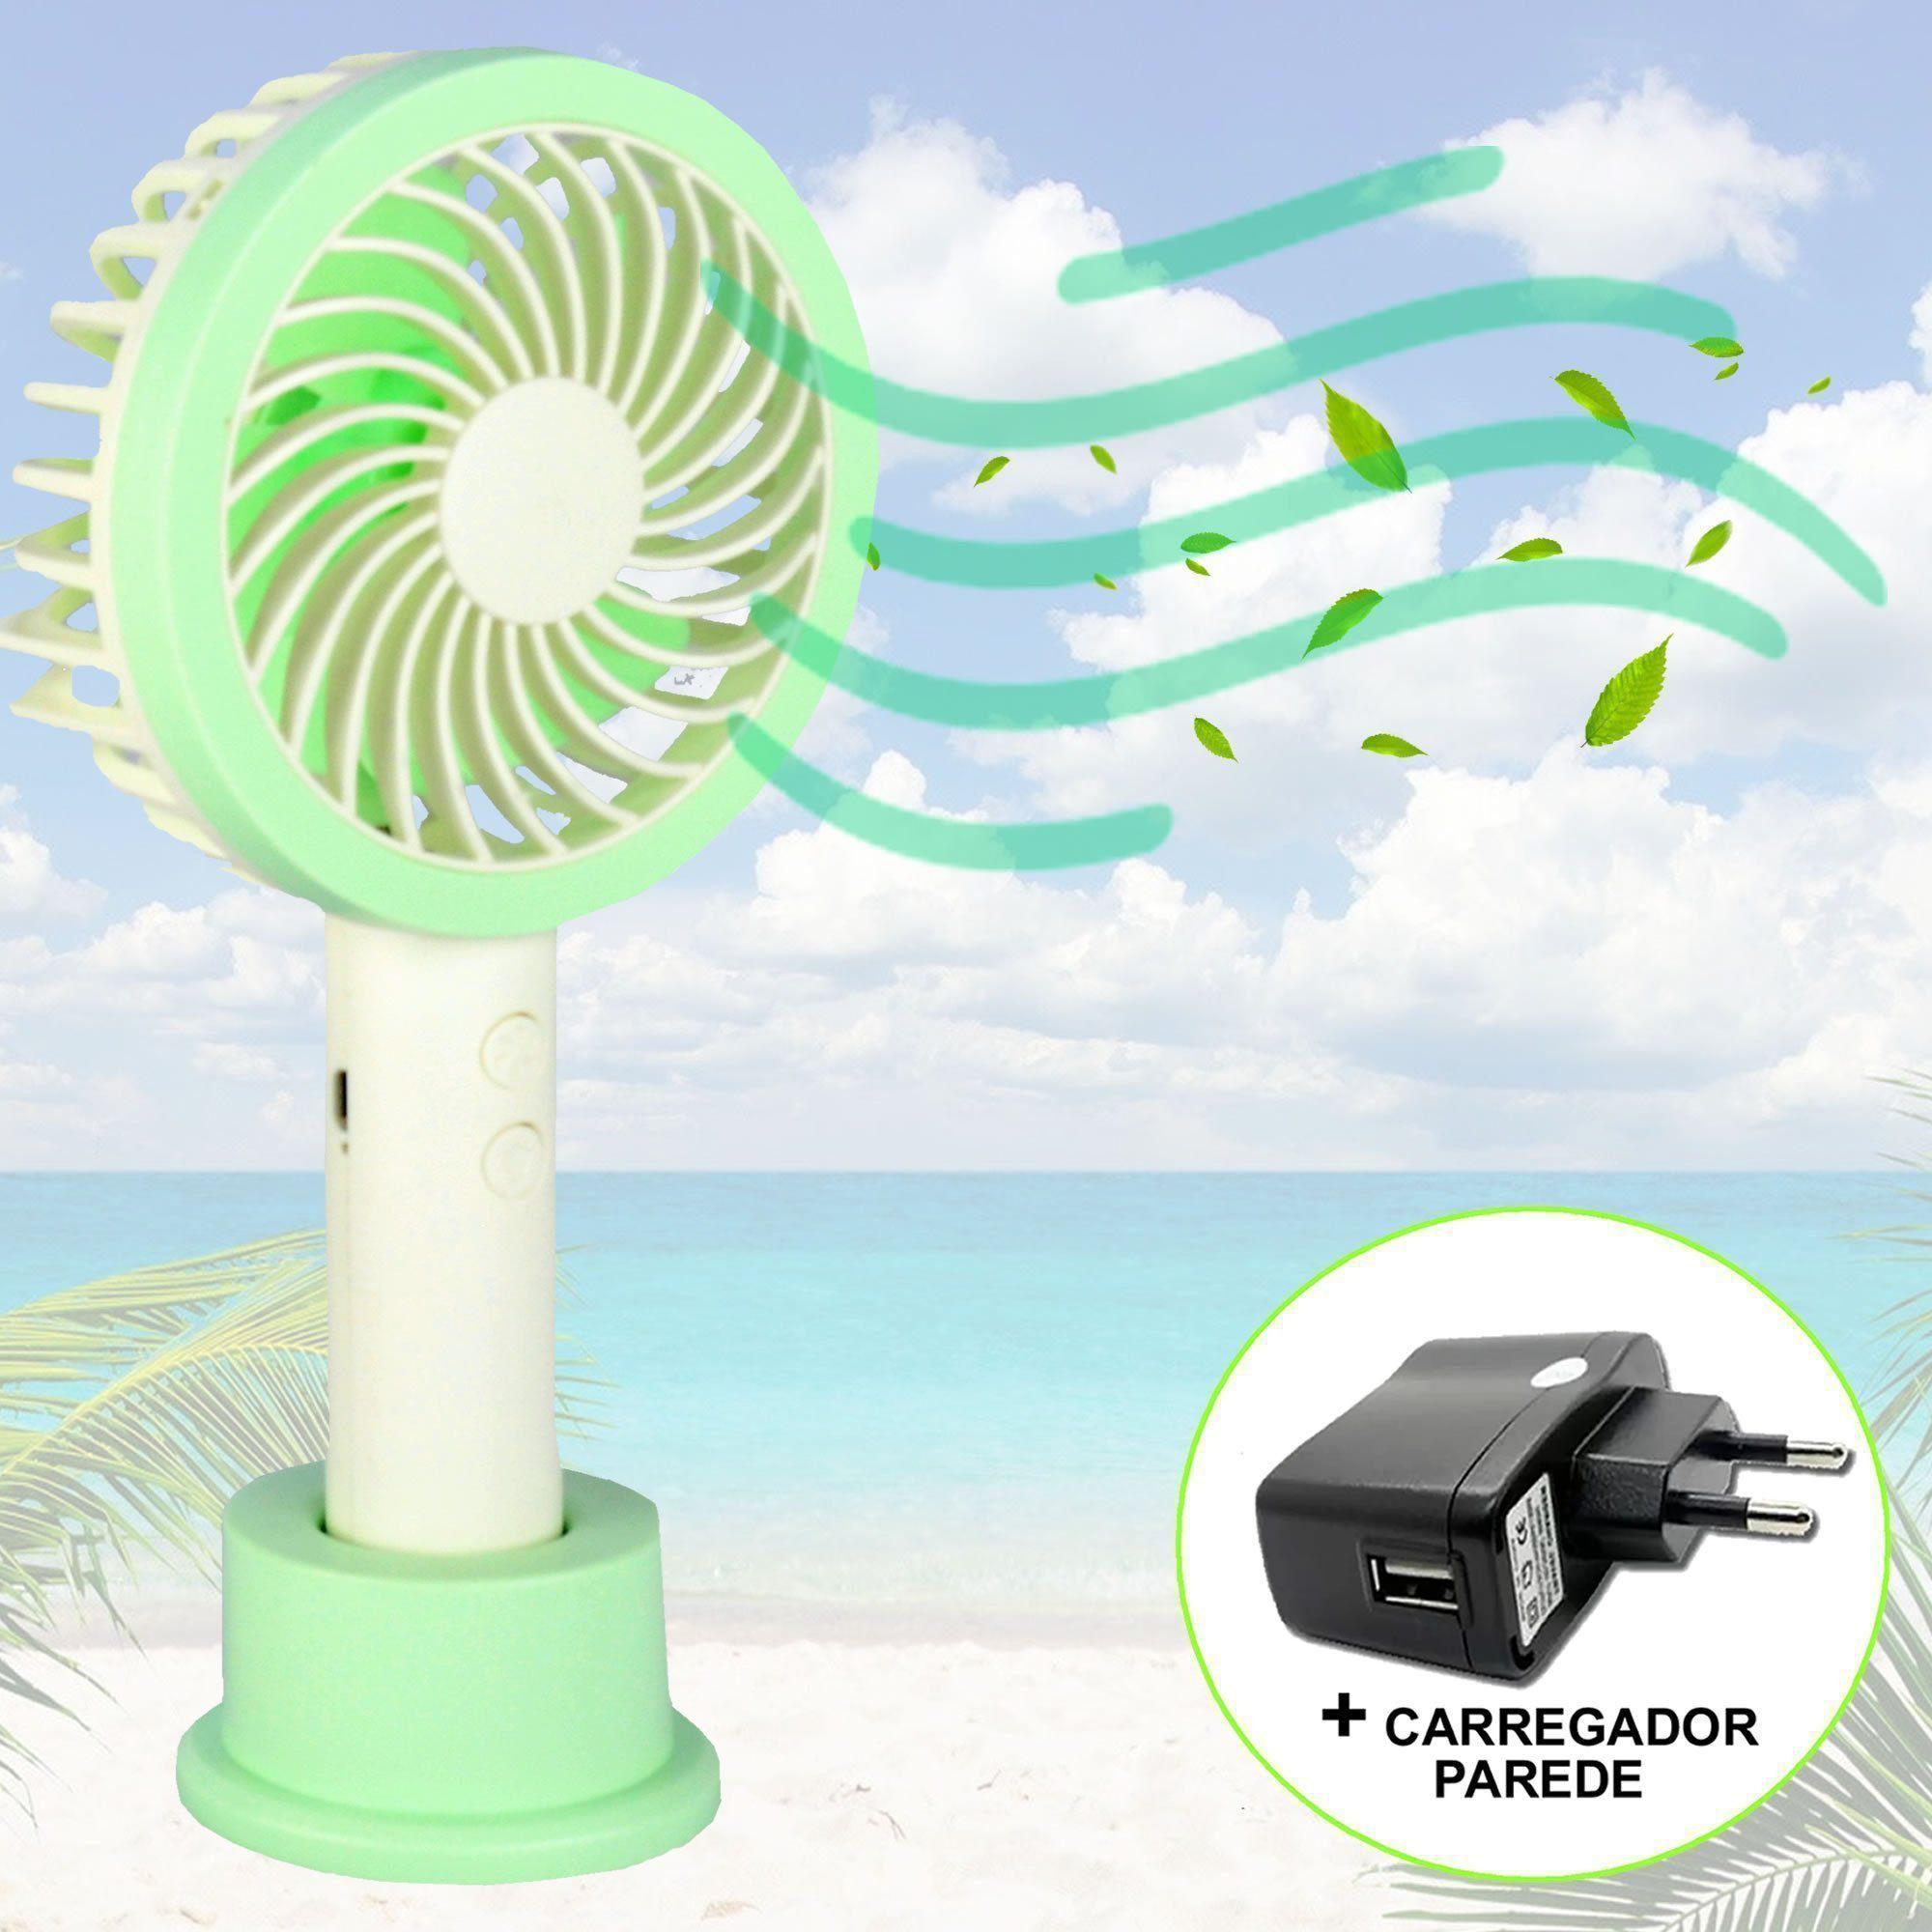 Mini Ventilador Portátil Recarregável + adaptador Verde CBRN07301